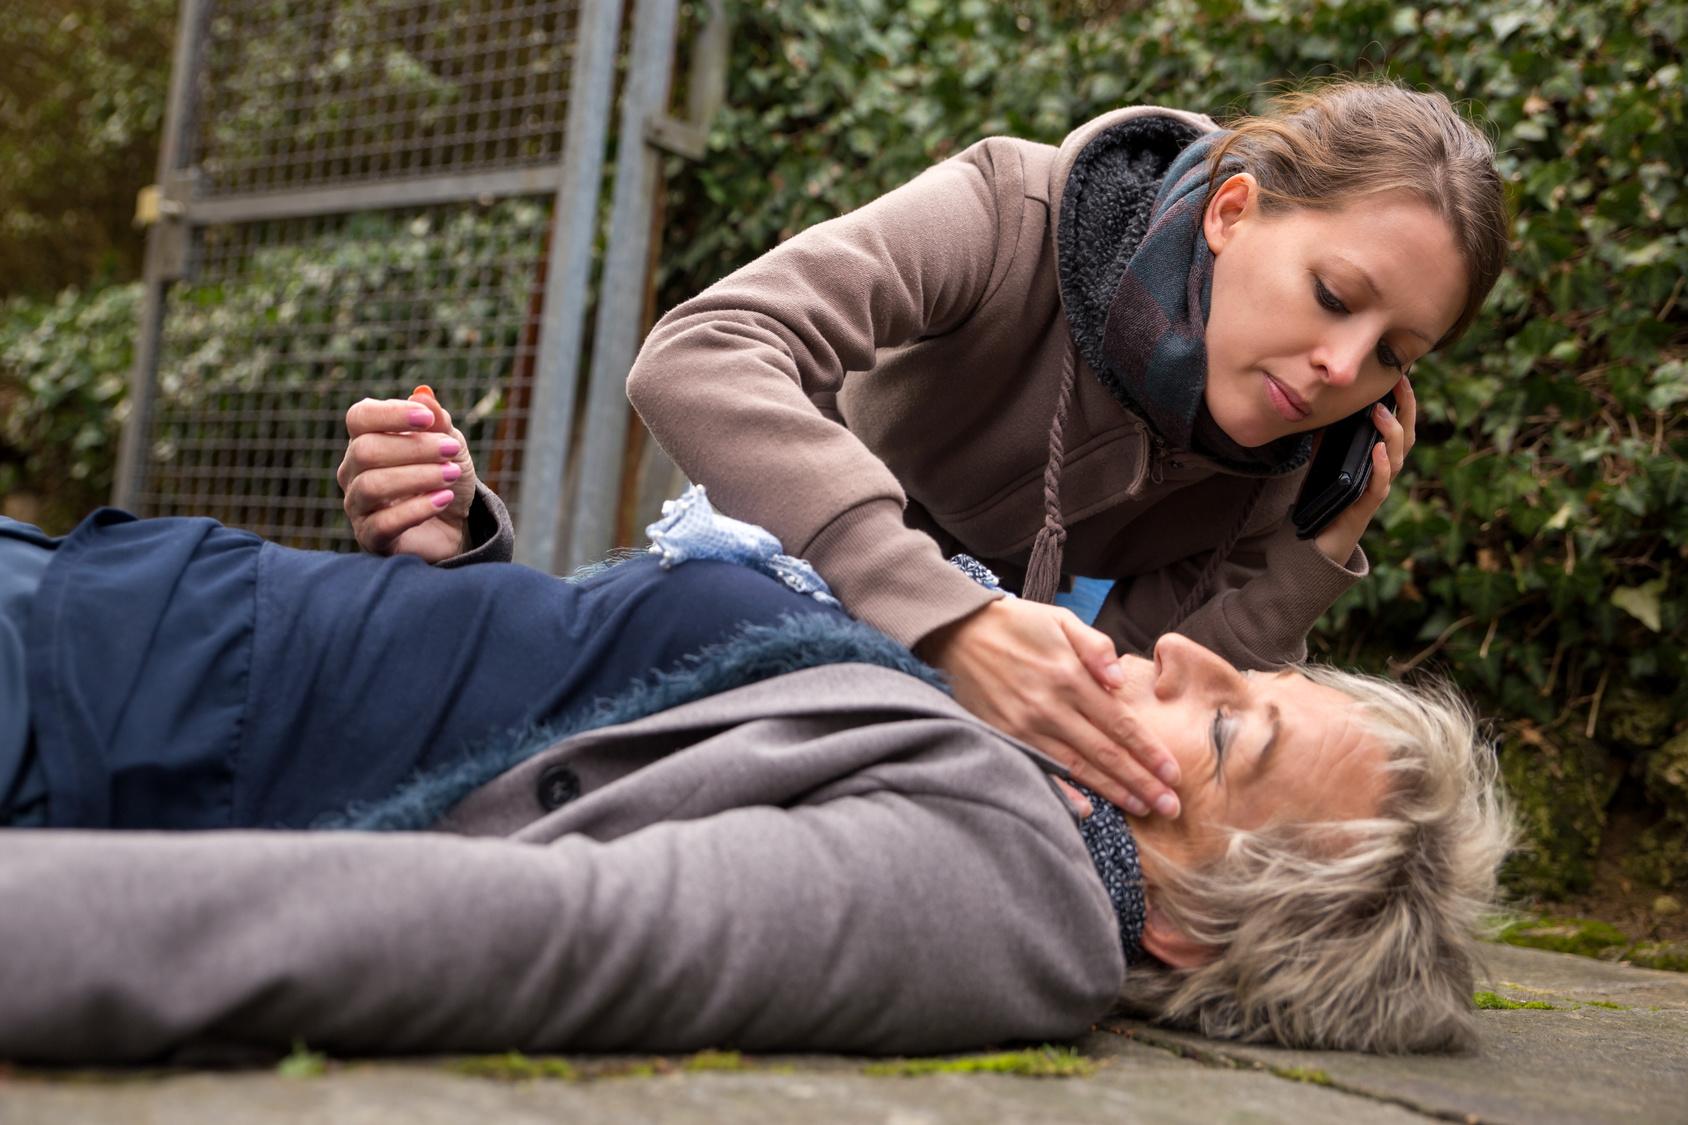 Eine ältere dame liegt bewusstlos am Boden, ein Mädchen beugt sich mit besorgtem Gesichtsausdruck über sie.